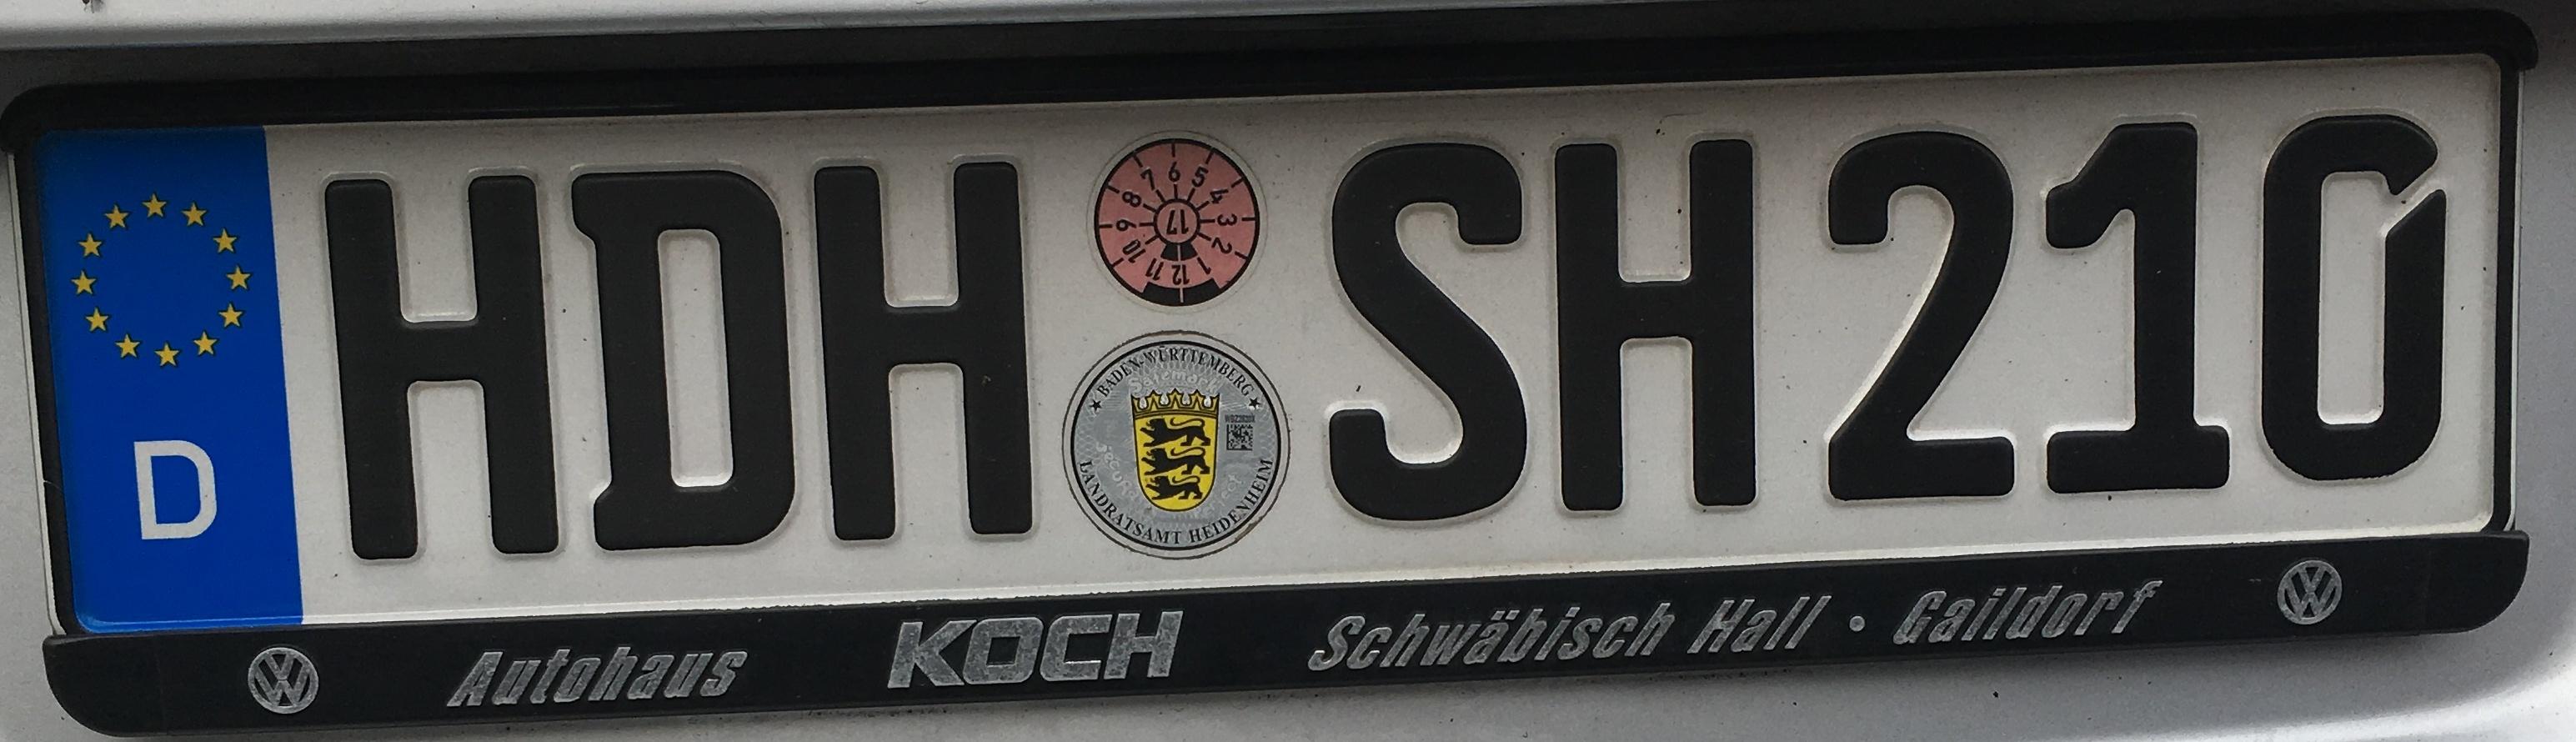 Registrační značka Německo - HDH - Heidenheim, foto: vlastní